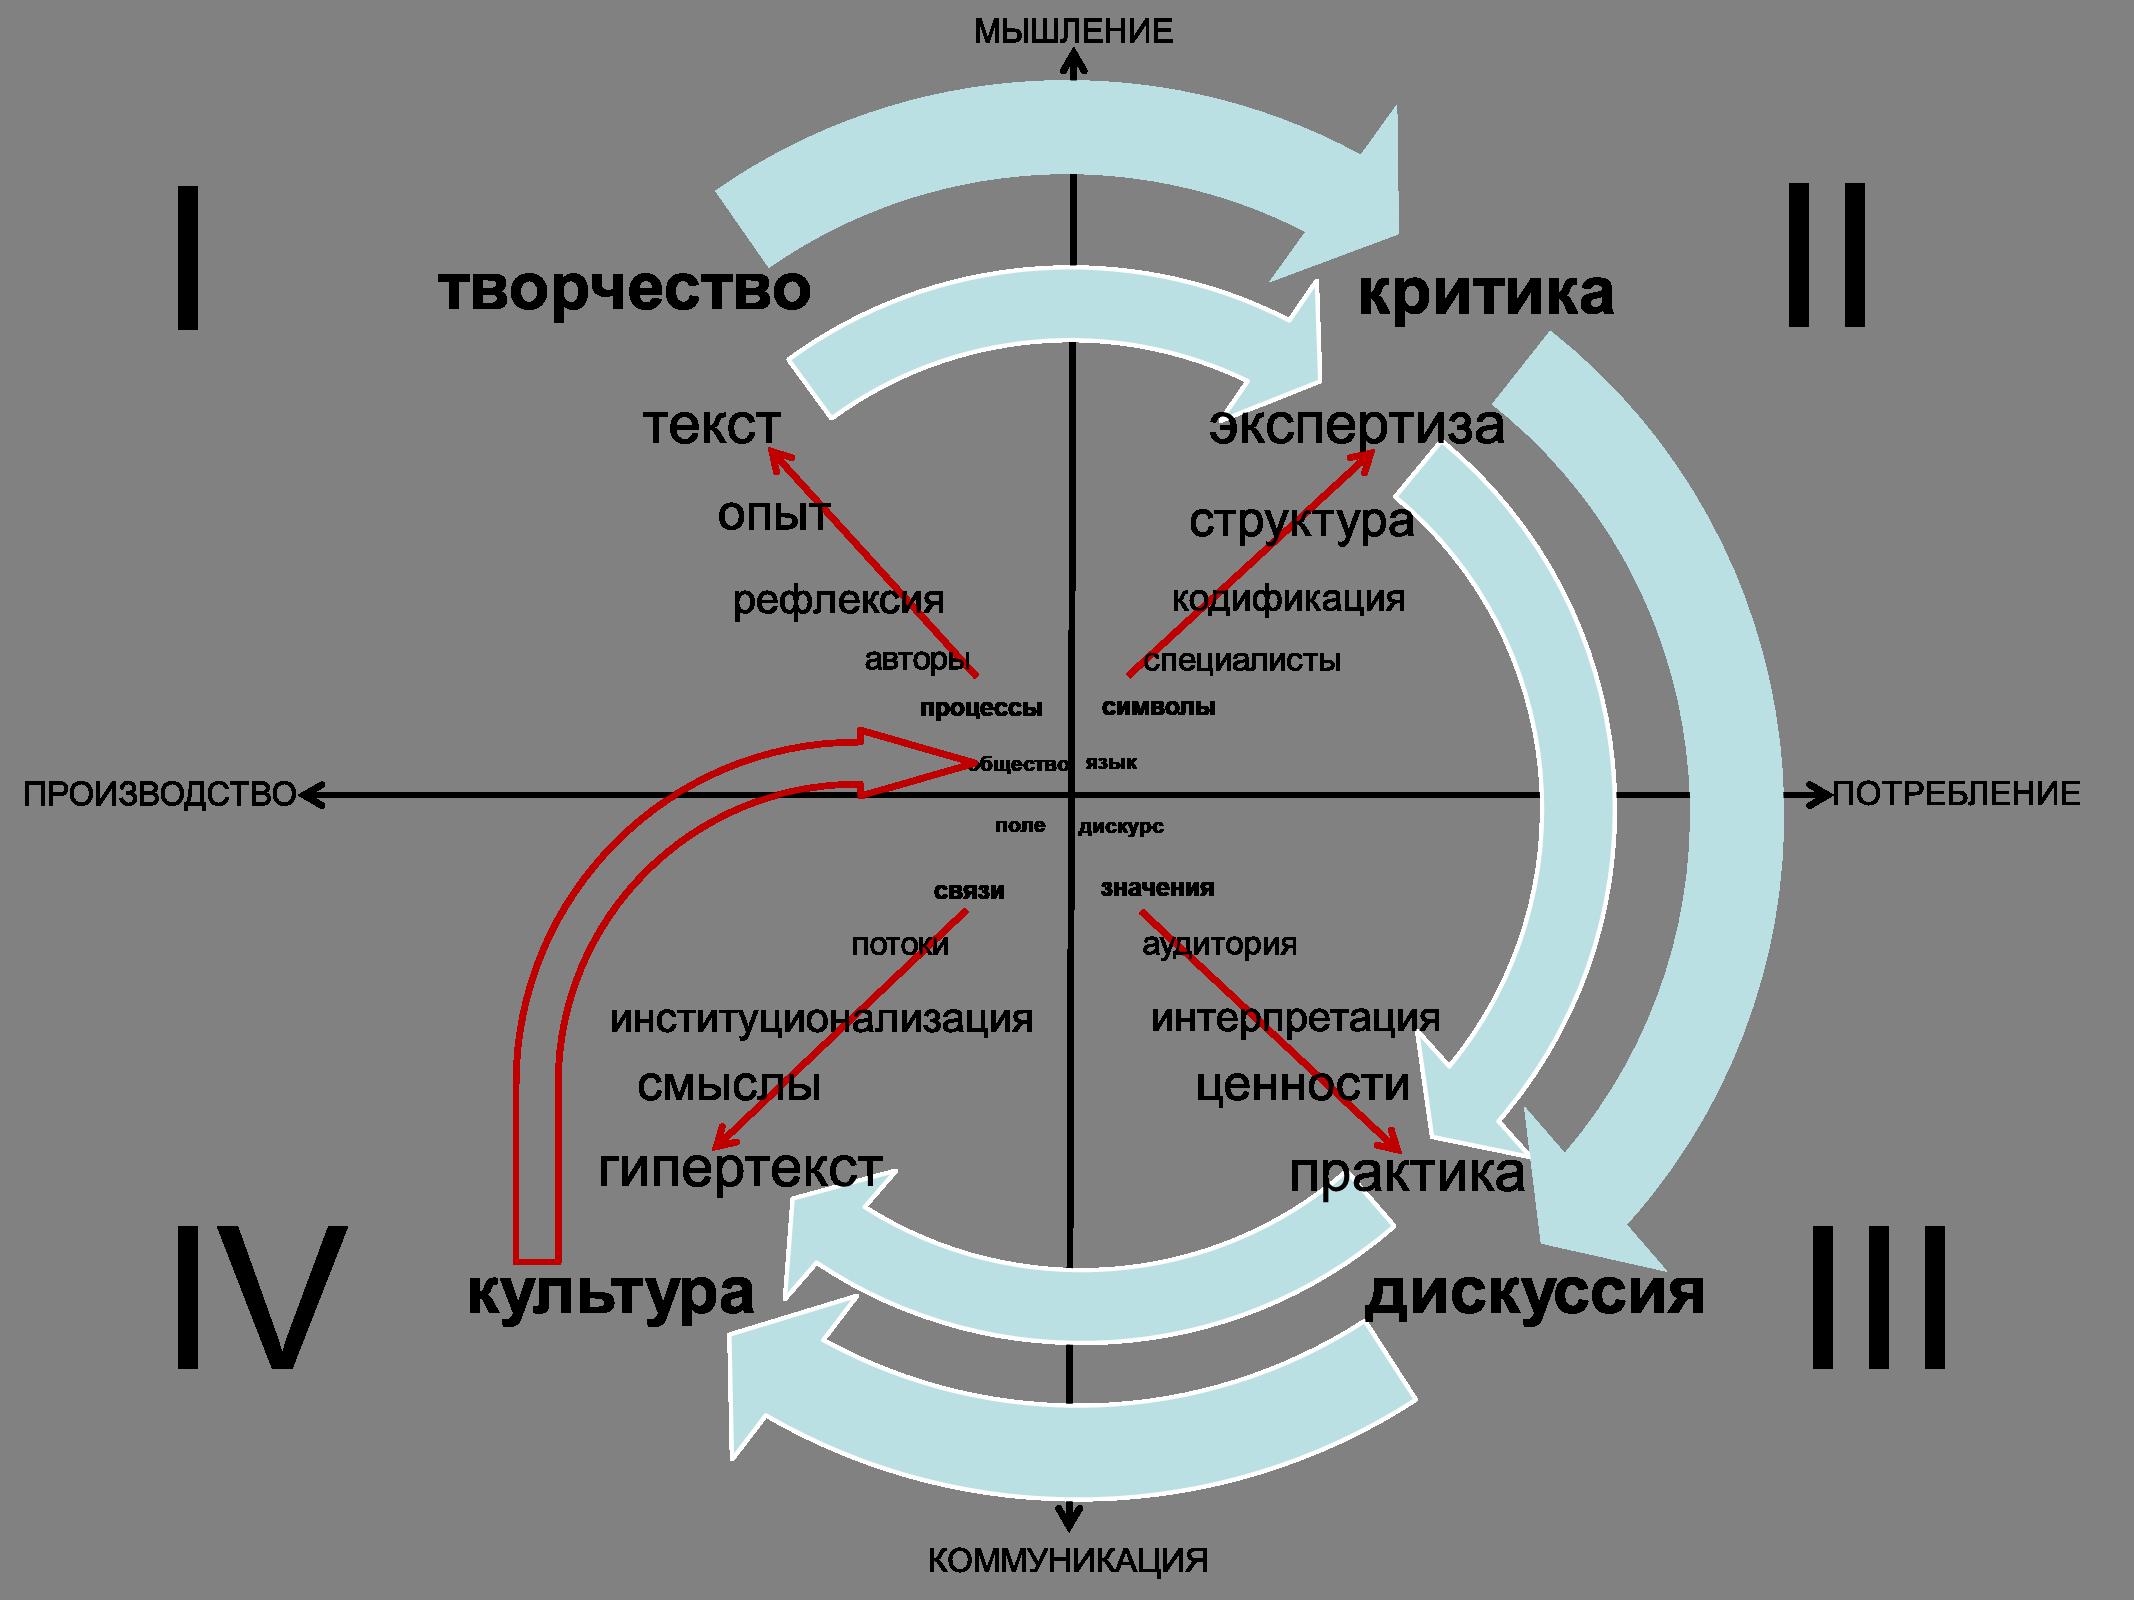 Критика как способ коммуникации. Производственный цикл культуры